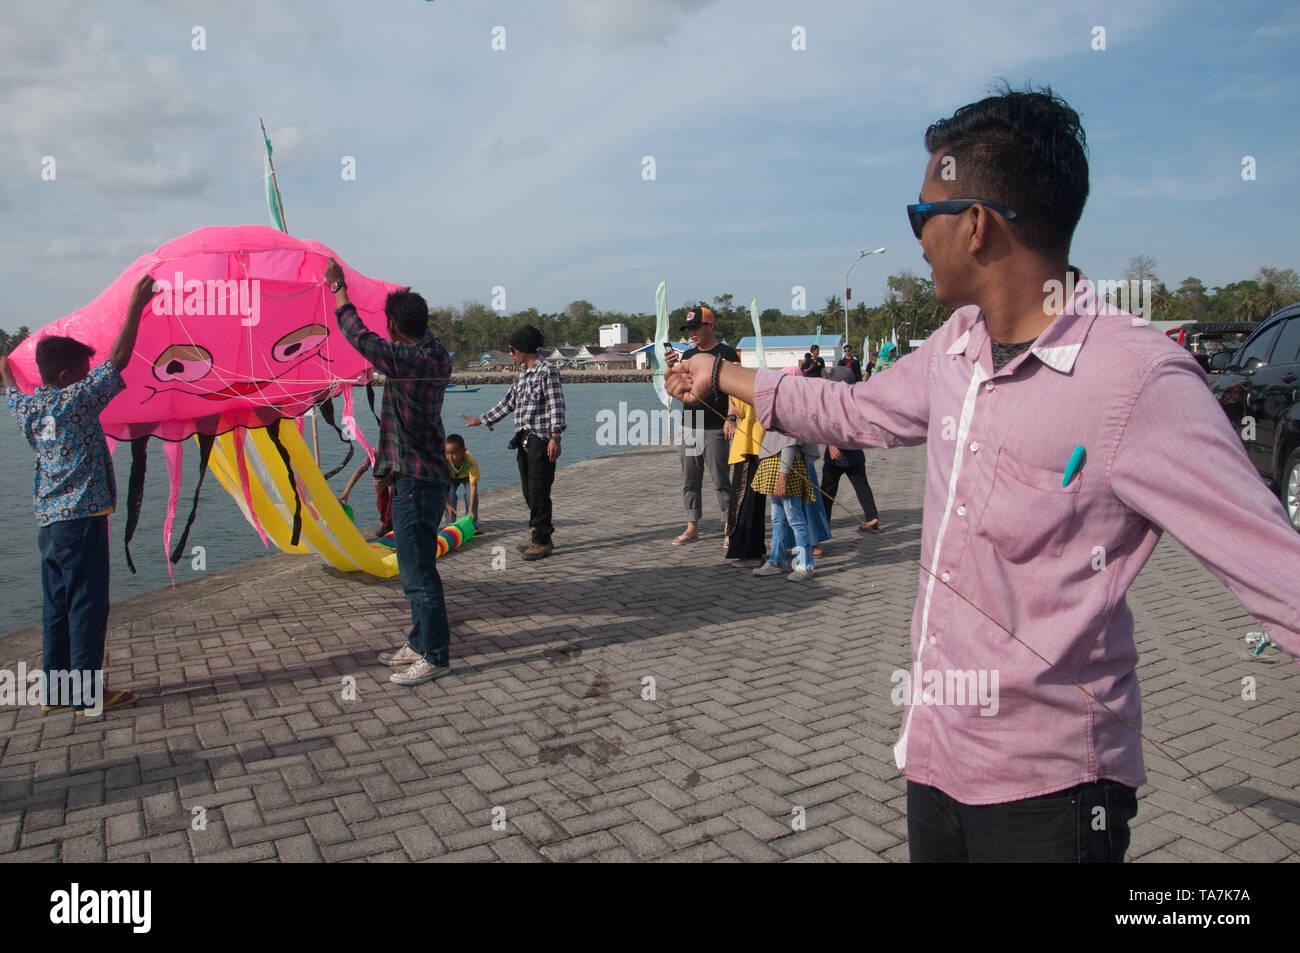 Bulukumba, Indonesia - Septiembre 13, 2018: Los hombres intentan volar una cometa durante el Festival Internacional de Bulukumba Pinisi, al sur de Sulawesi, Indonesia. Foto de stock